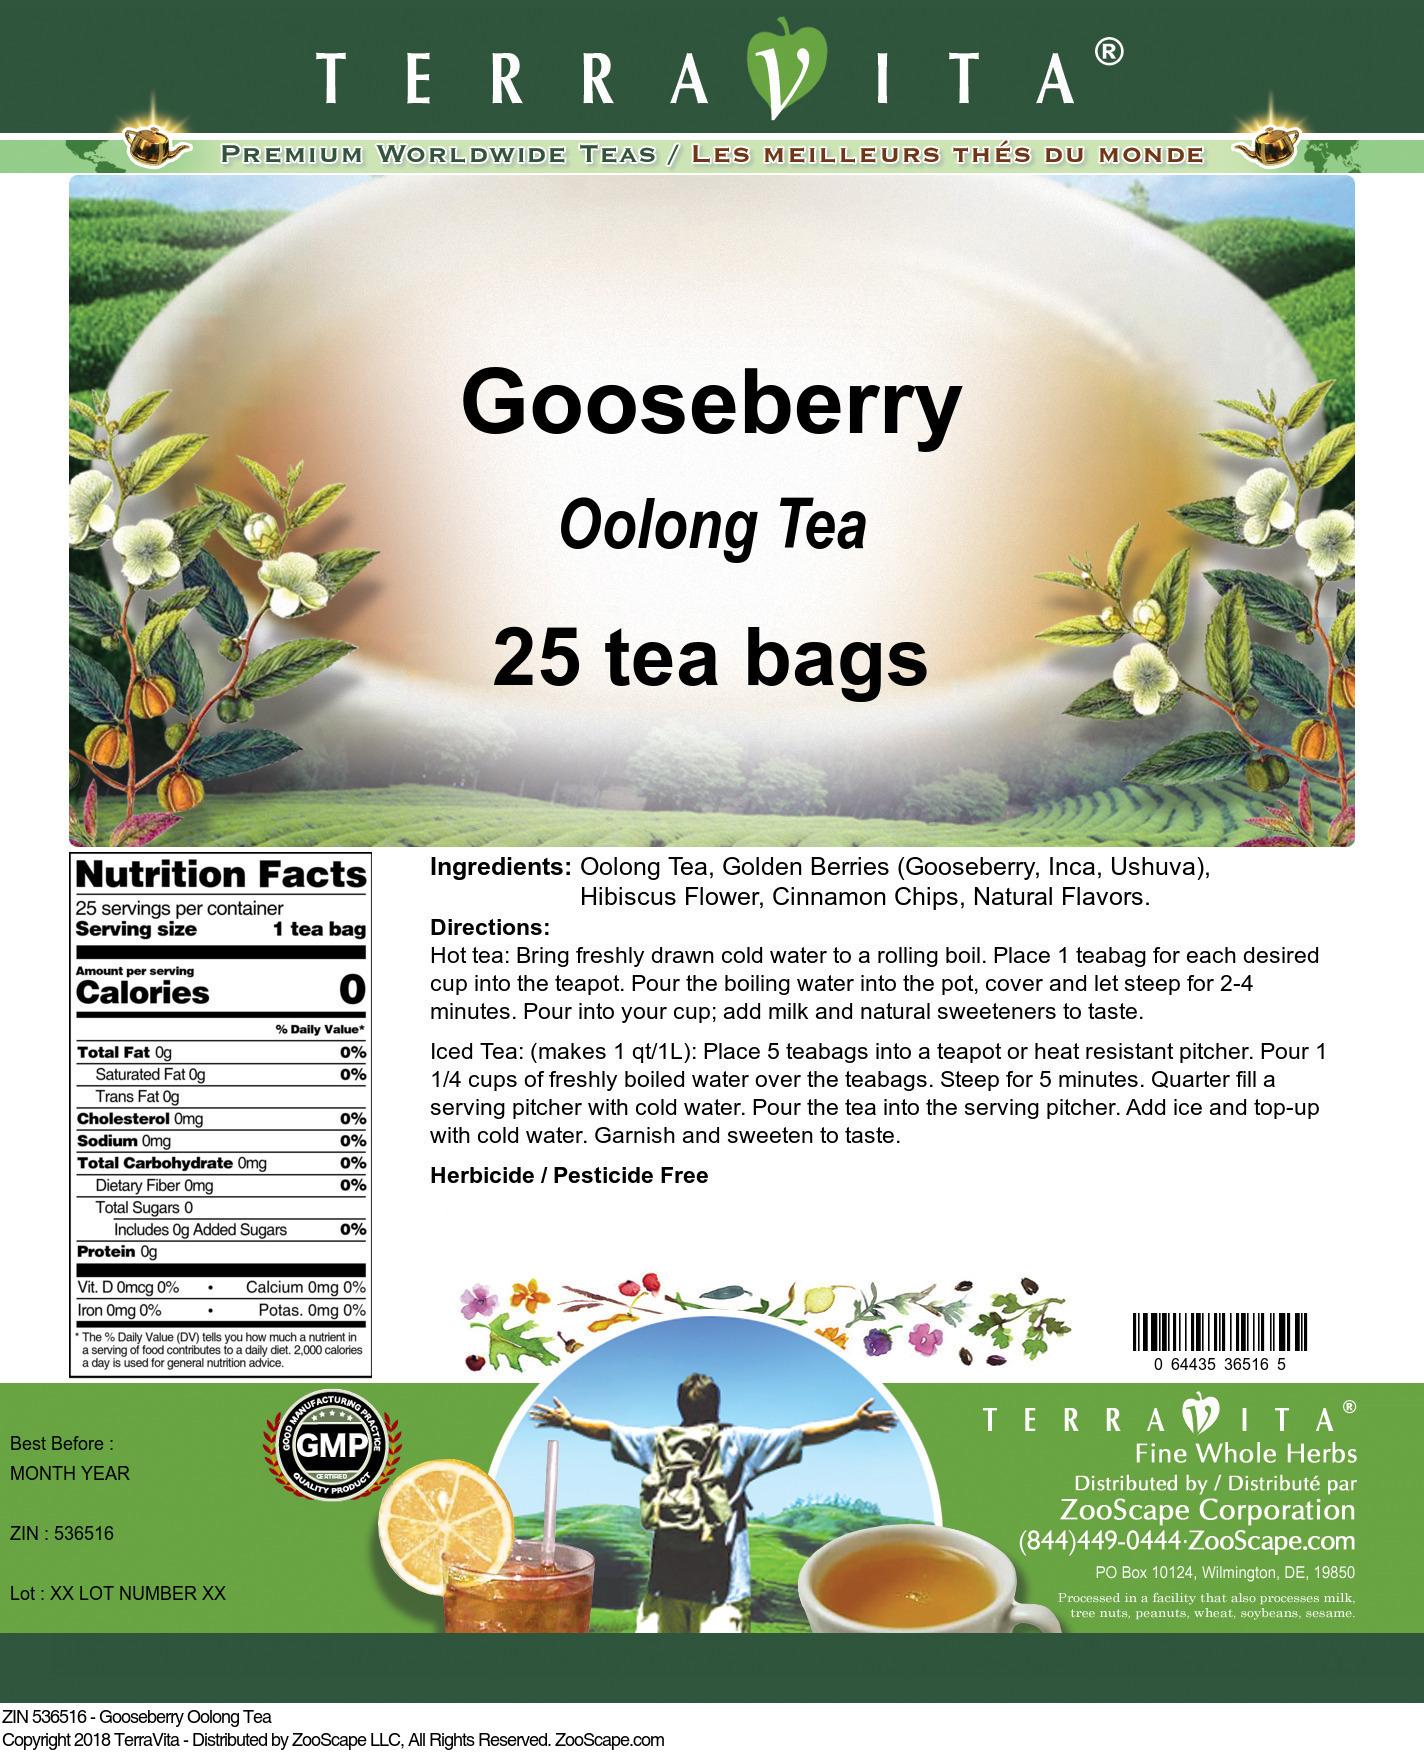 Gooseberry Oolong Tea